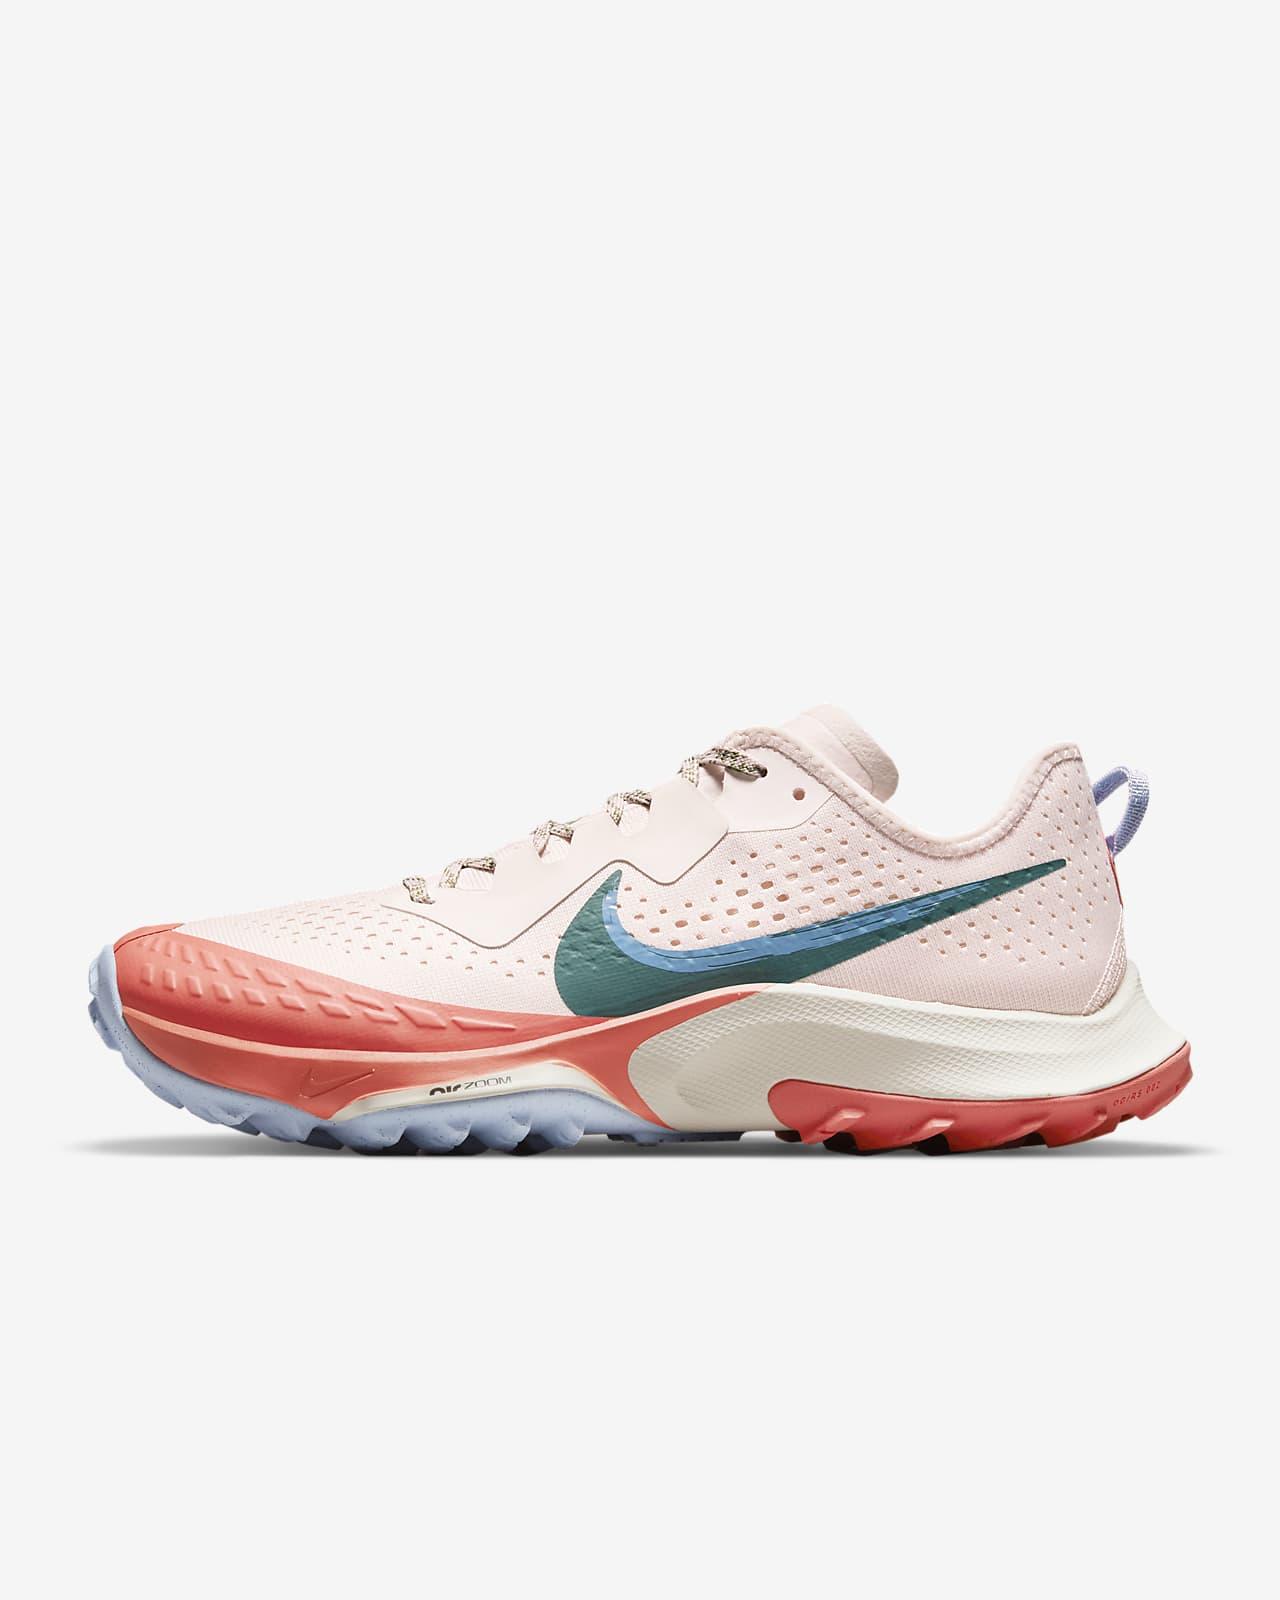 Γυναικείο παπούτσι για τρέξιμο σε ανώμαλο δρόμο Nike Air Zoom Terra Kiger 7